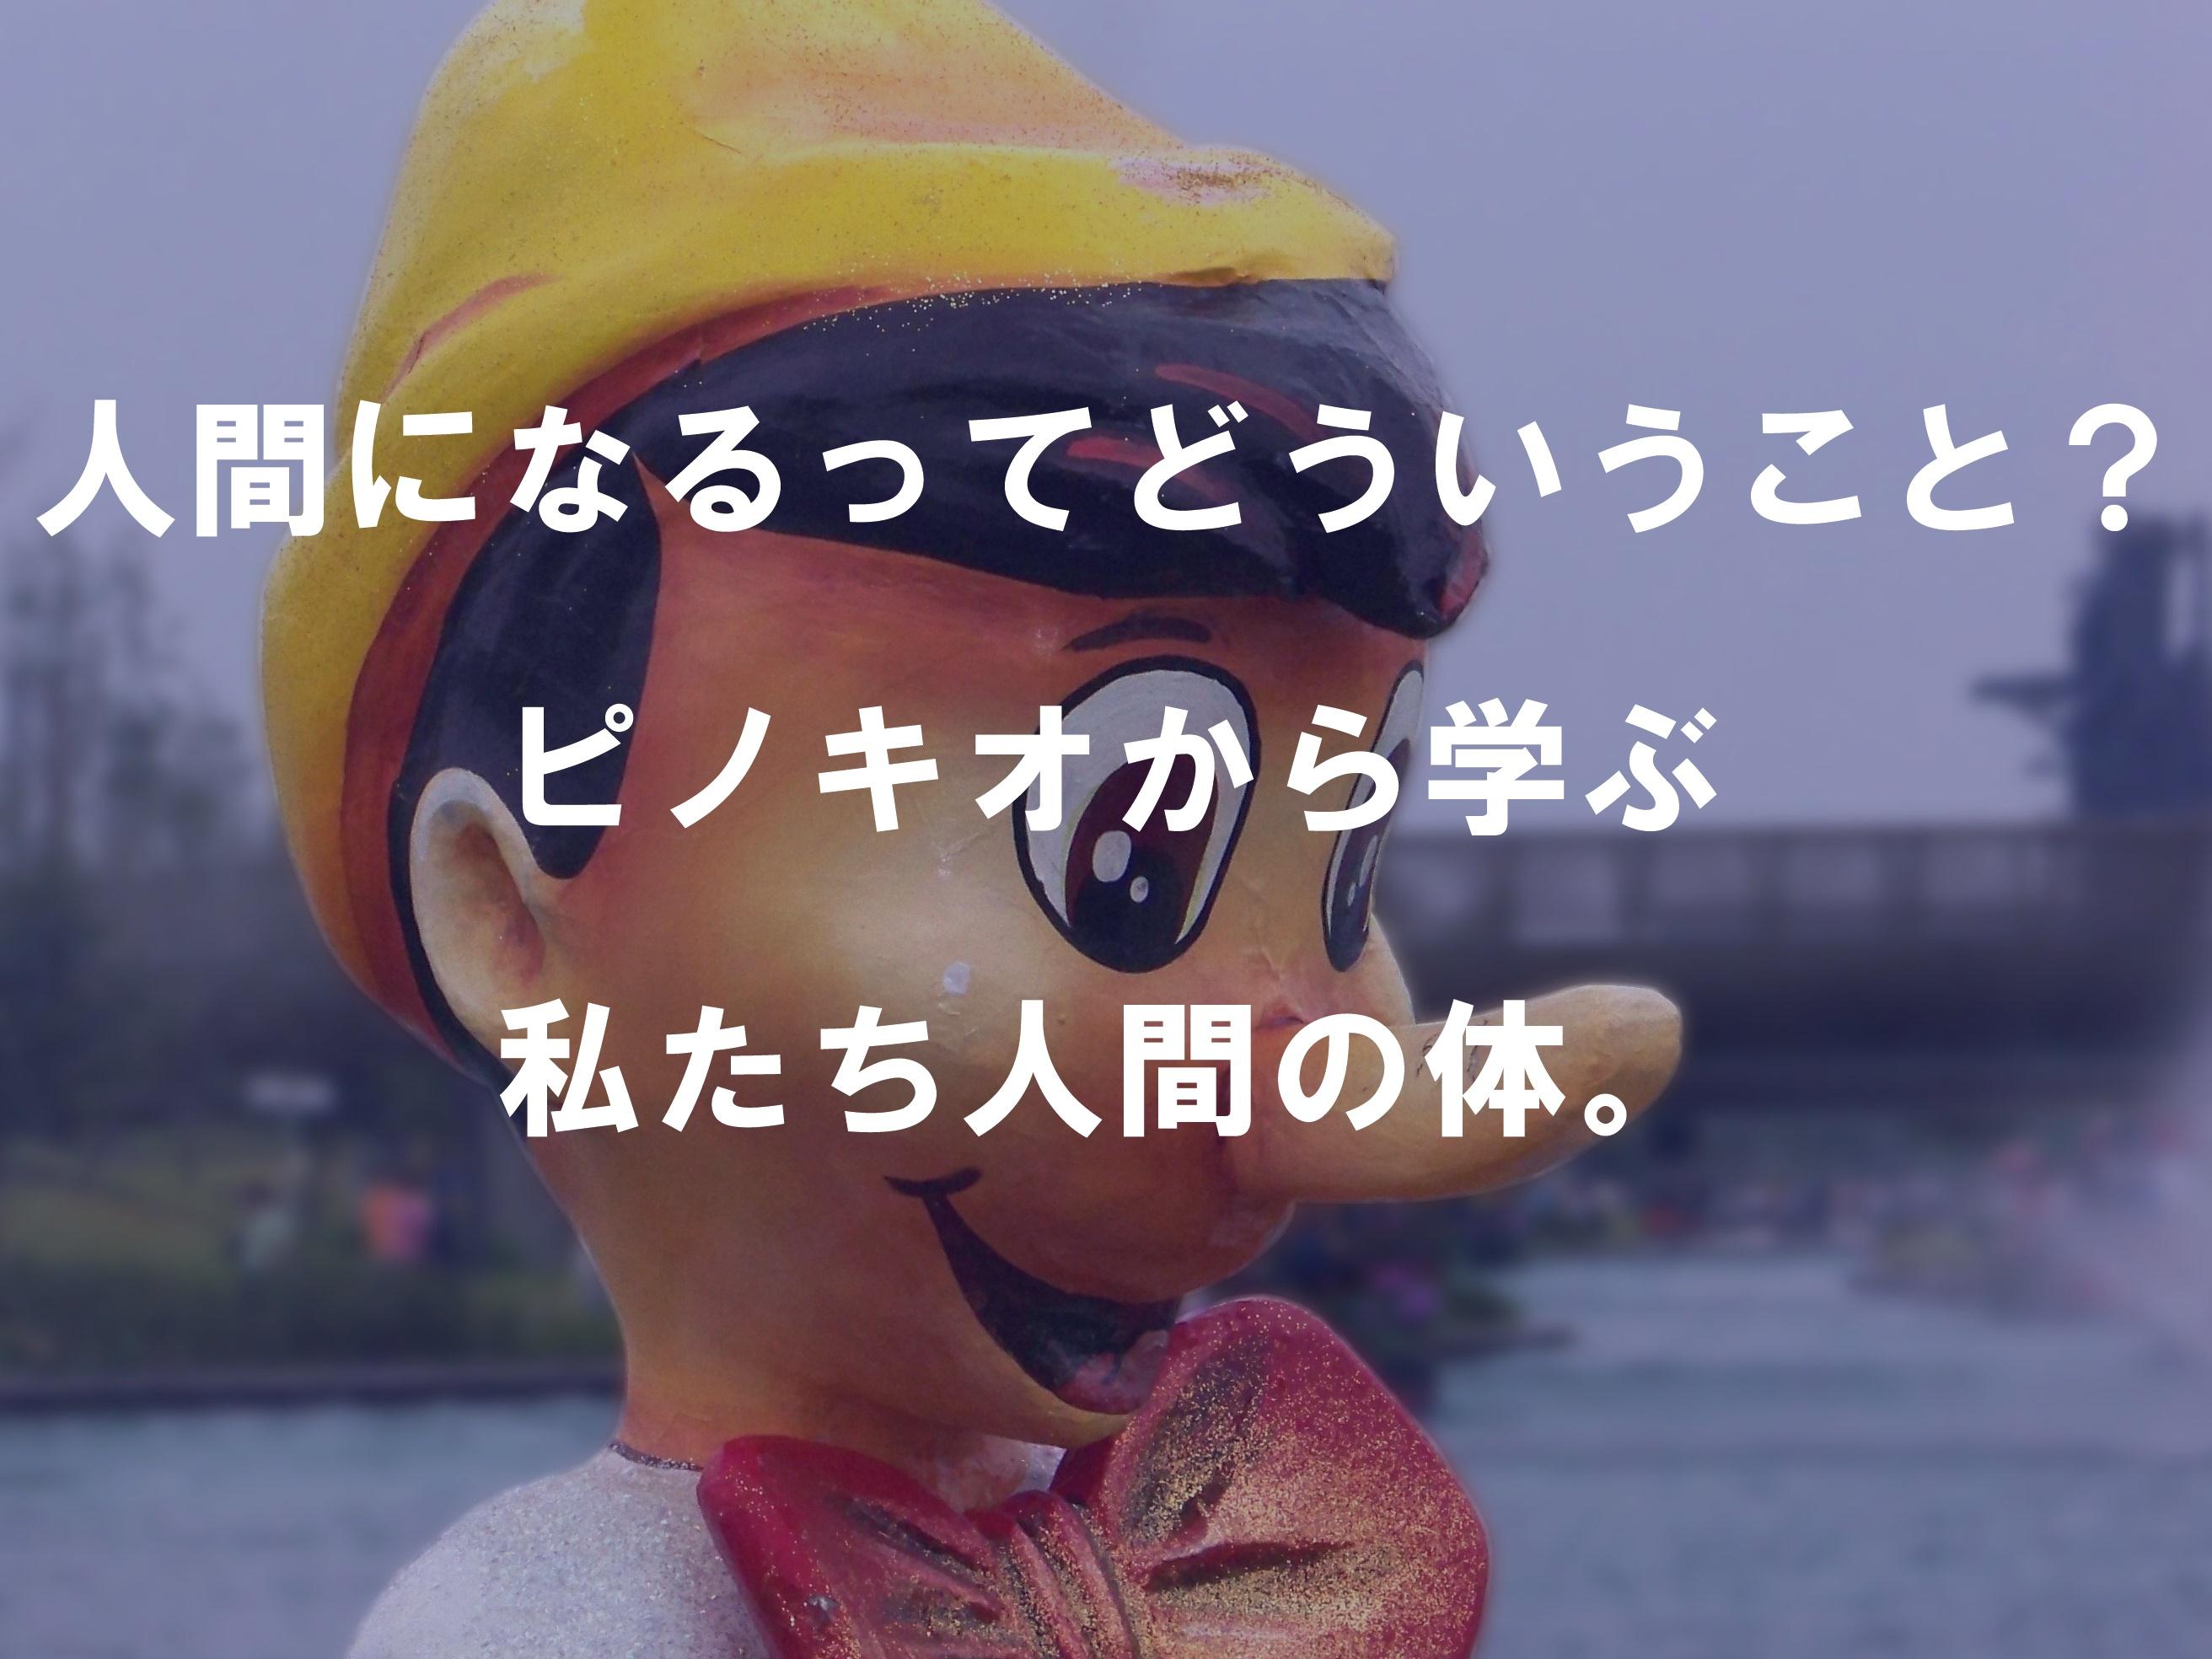 人間になるってどういうこと?ピノキオから学ぶ、私たち人間の体。